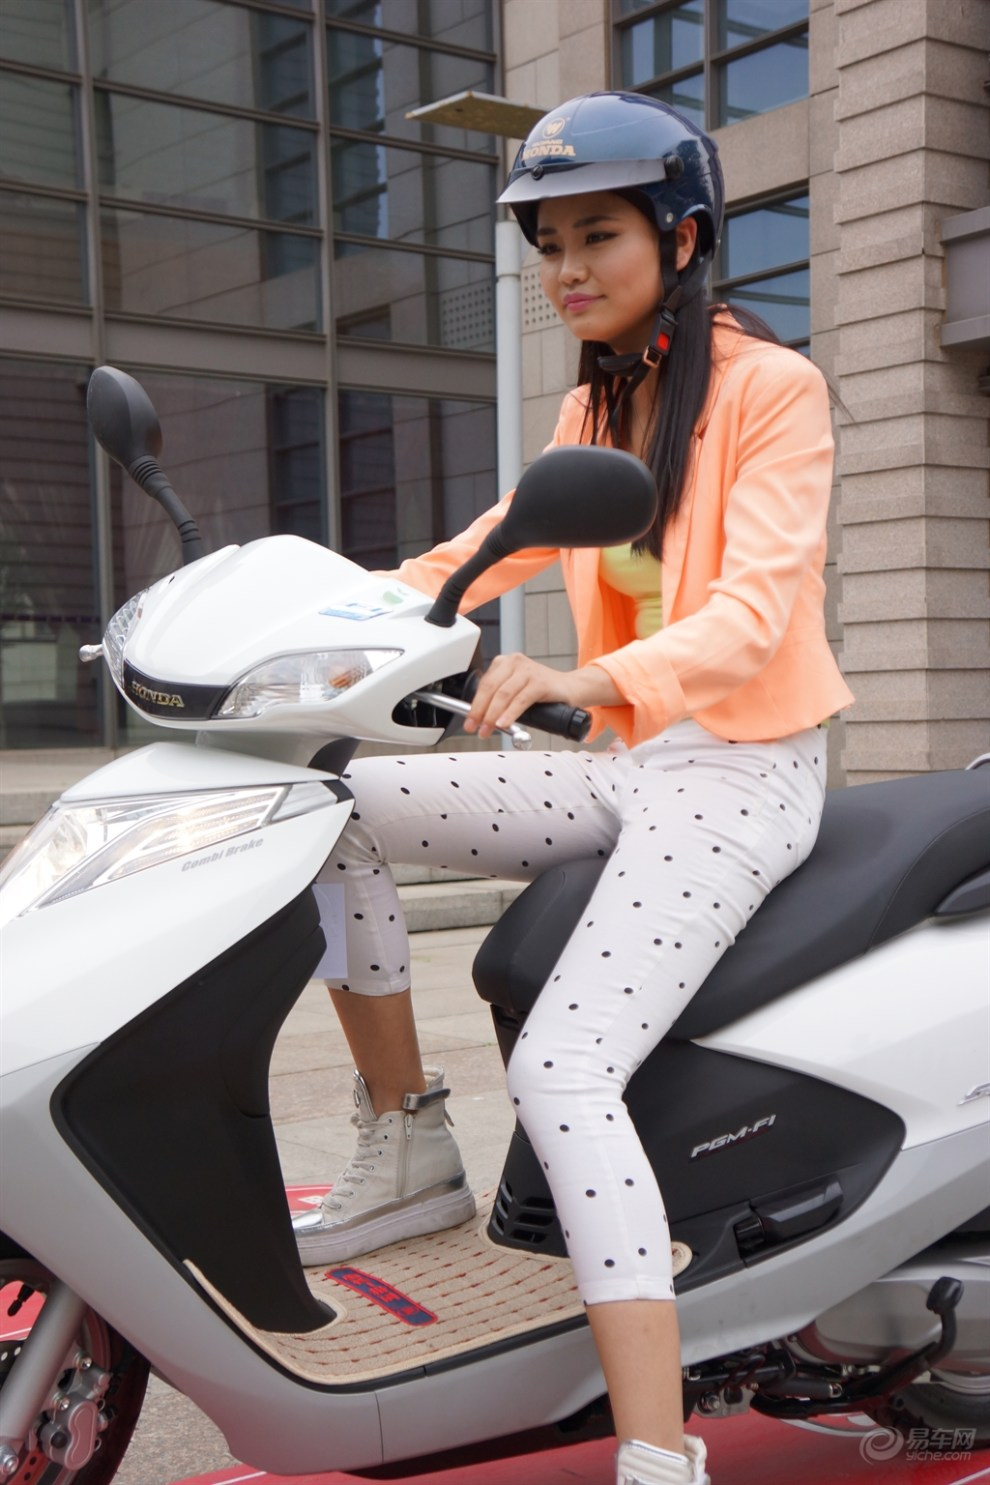 五羊本田首发睿御110摩托车 引来美女骑游